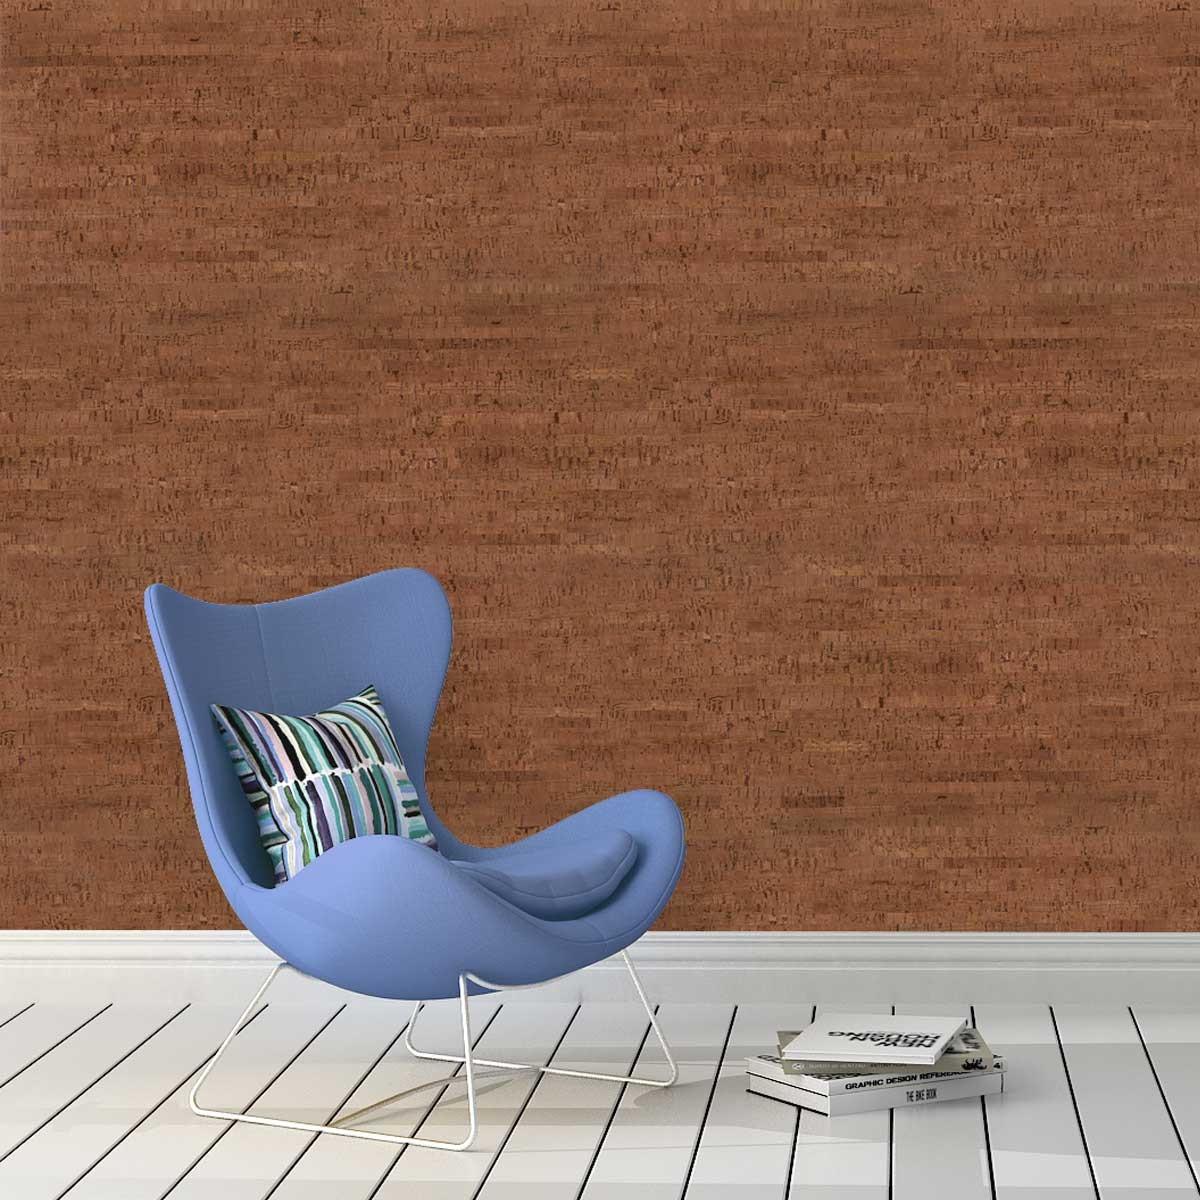 Rivestimento decorativo isolante in sughero colore marrone per pareti - Rivestimento decorativo pareti ...